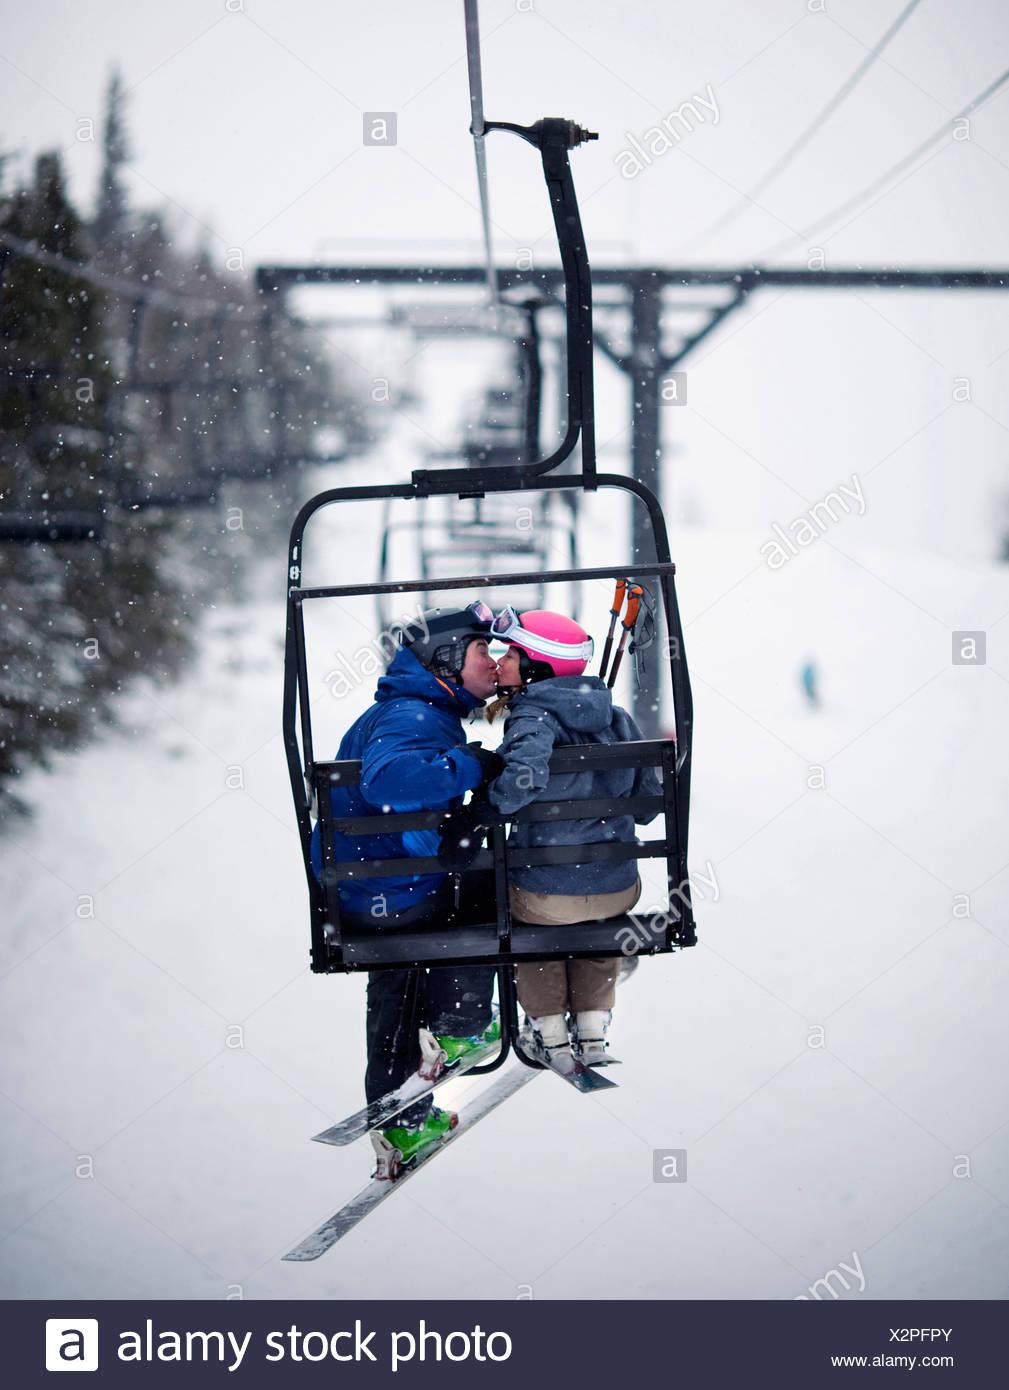 Ein paar Küssen auf dem Sessellift in weich fallenden Schnee. Stockbild